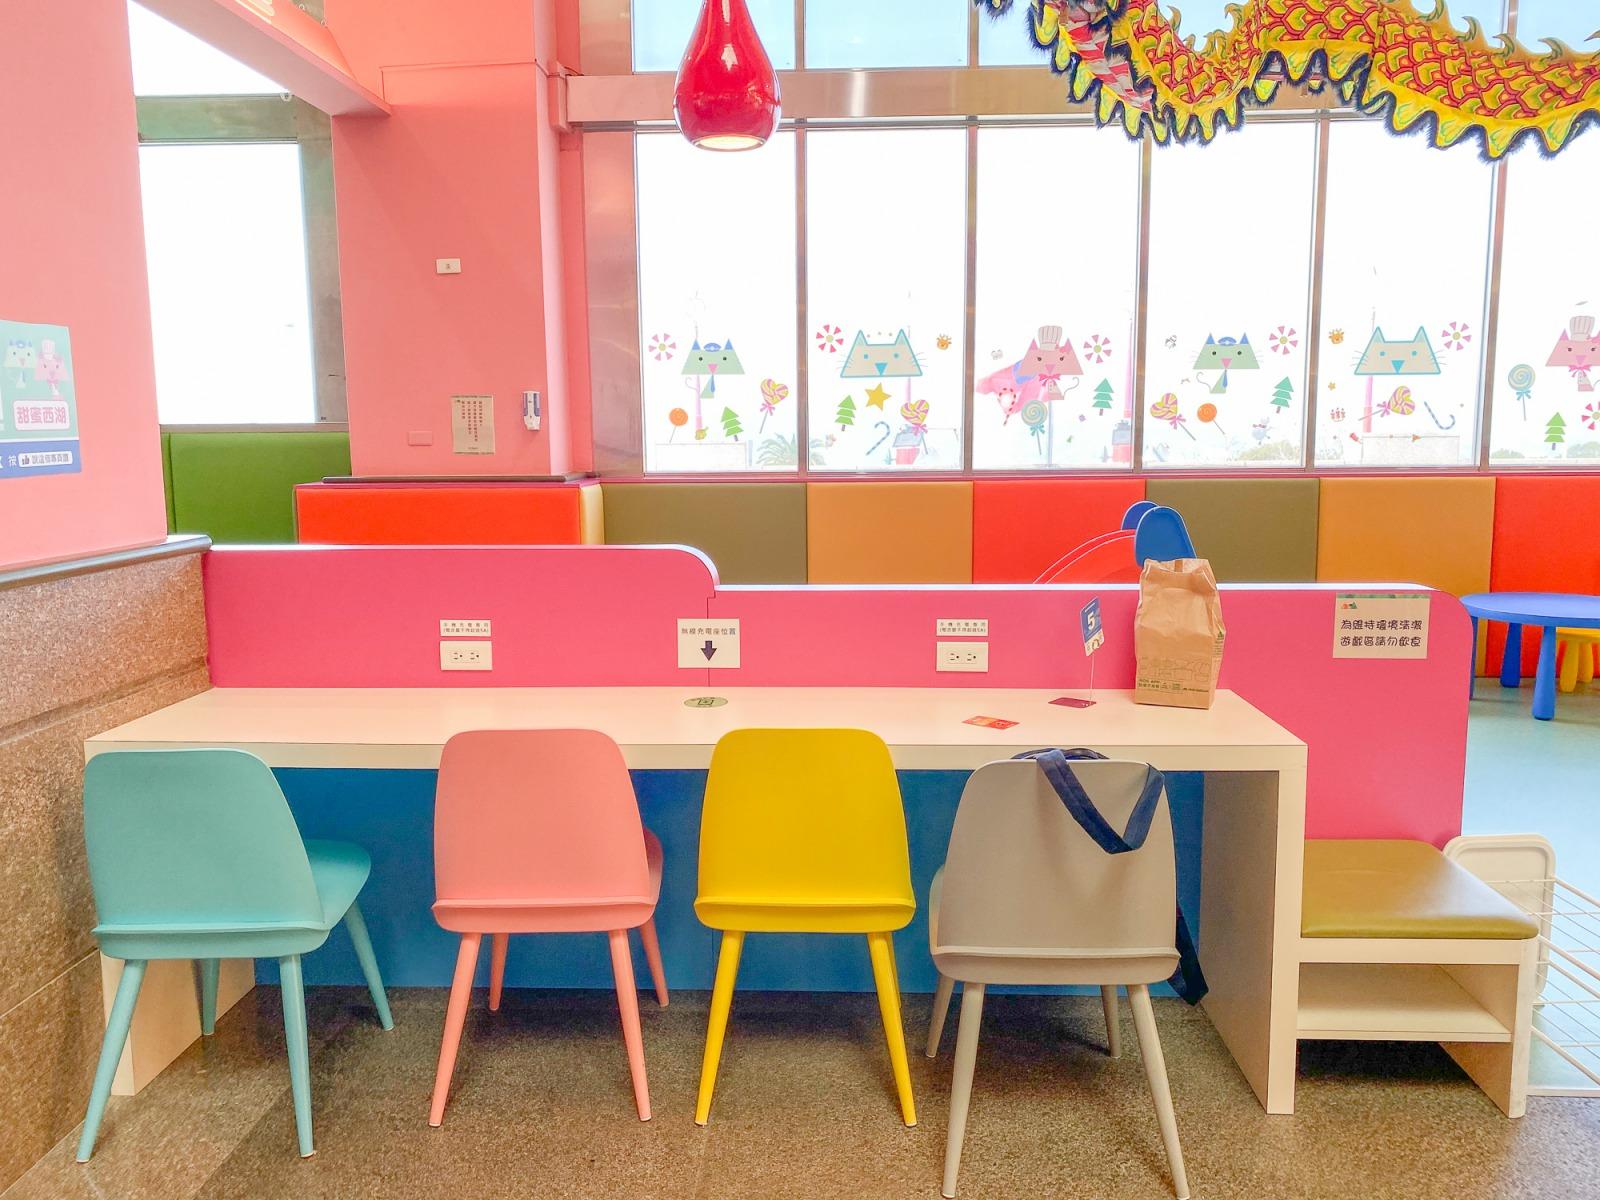 免費親子景點》苗栗西湖休息站親子區~ 打造彩虹兒童遊戲區、樹屋、扮家家酒、搖搖馬通通都來!